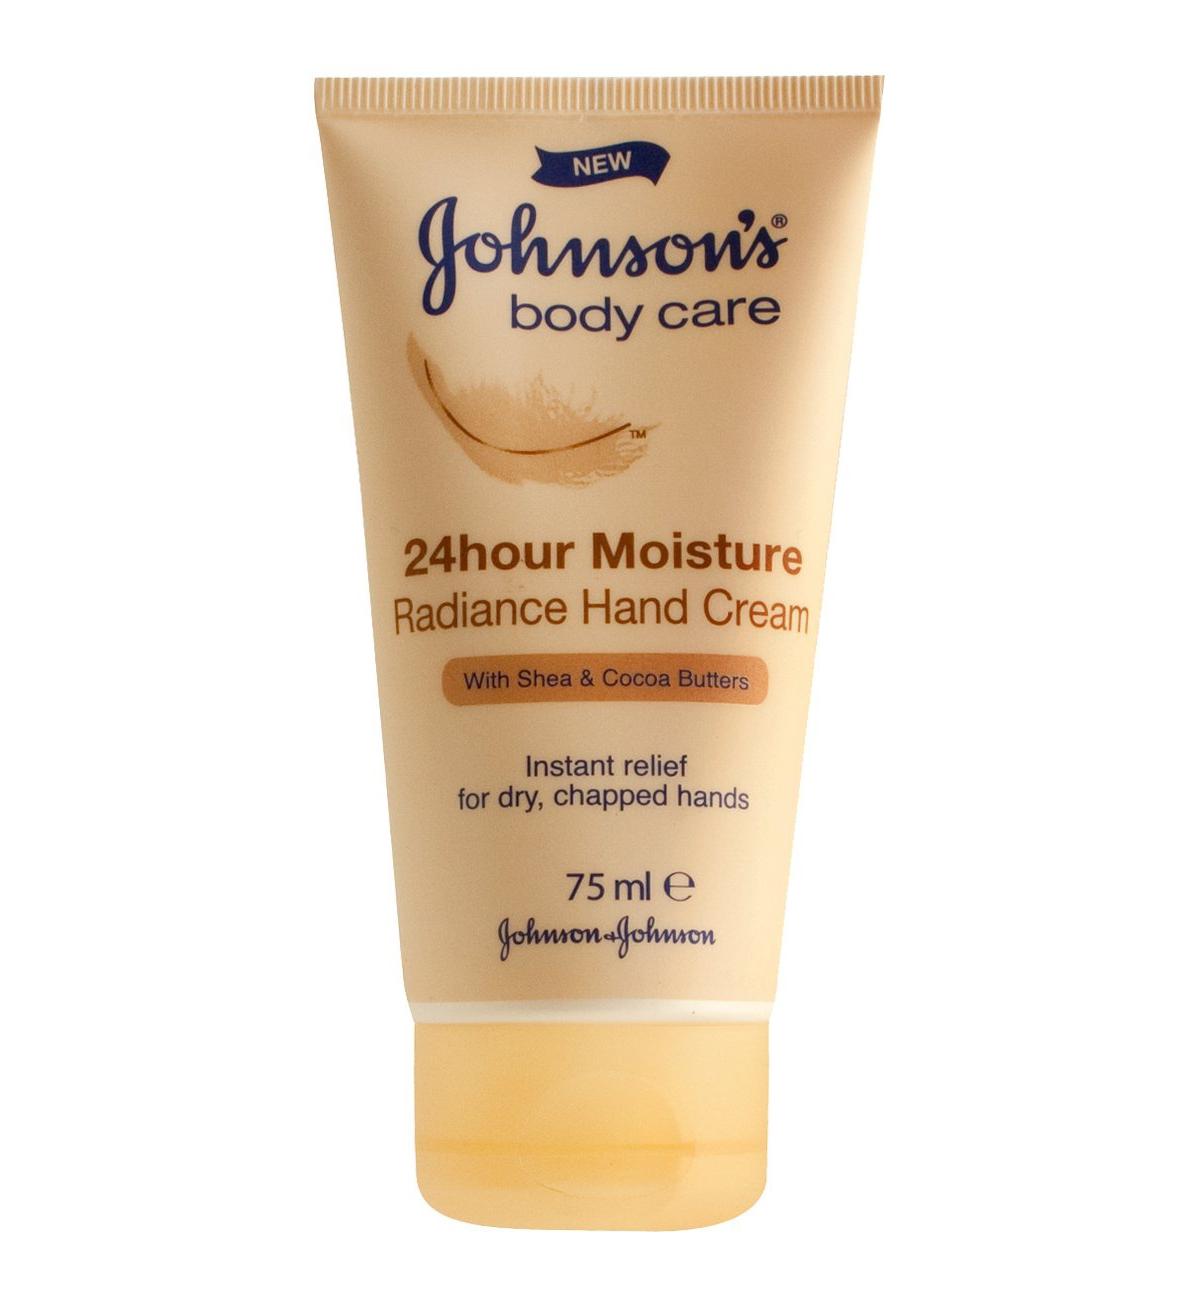 JOHNSON'S Hand Cream 24 HOUR Moisture 75ml